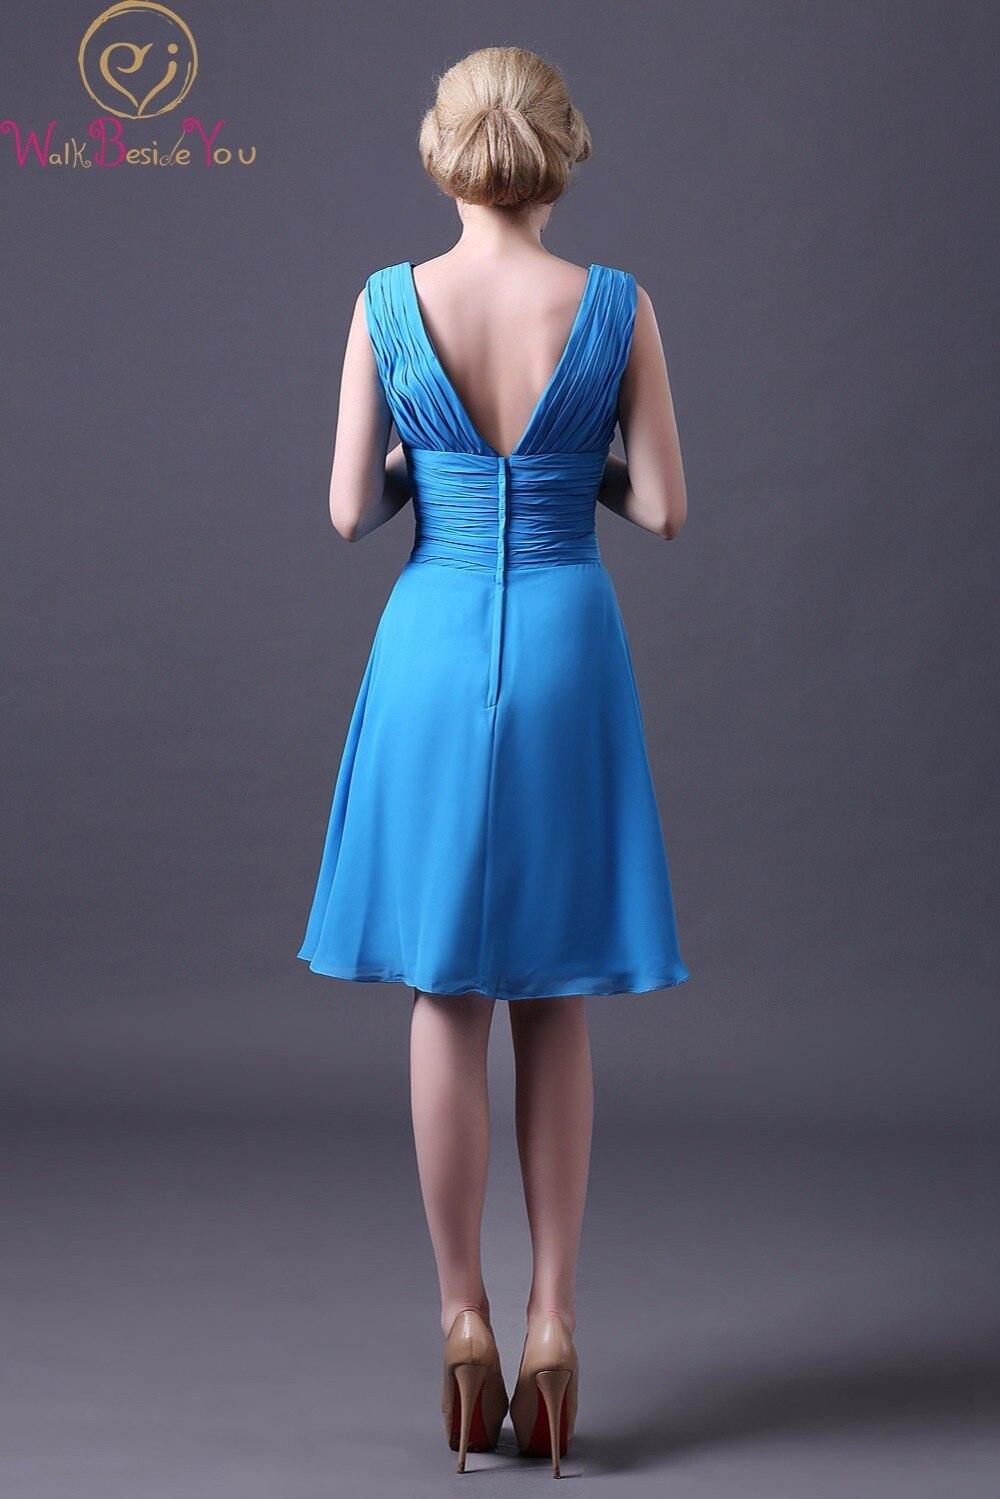 Increíble Vestidos De Dama Venta Reino Unido Viñeta - Vestido de ...